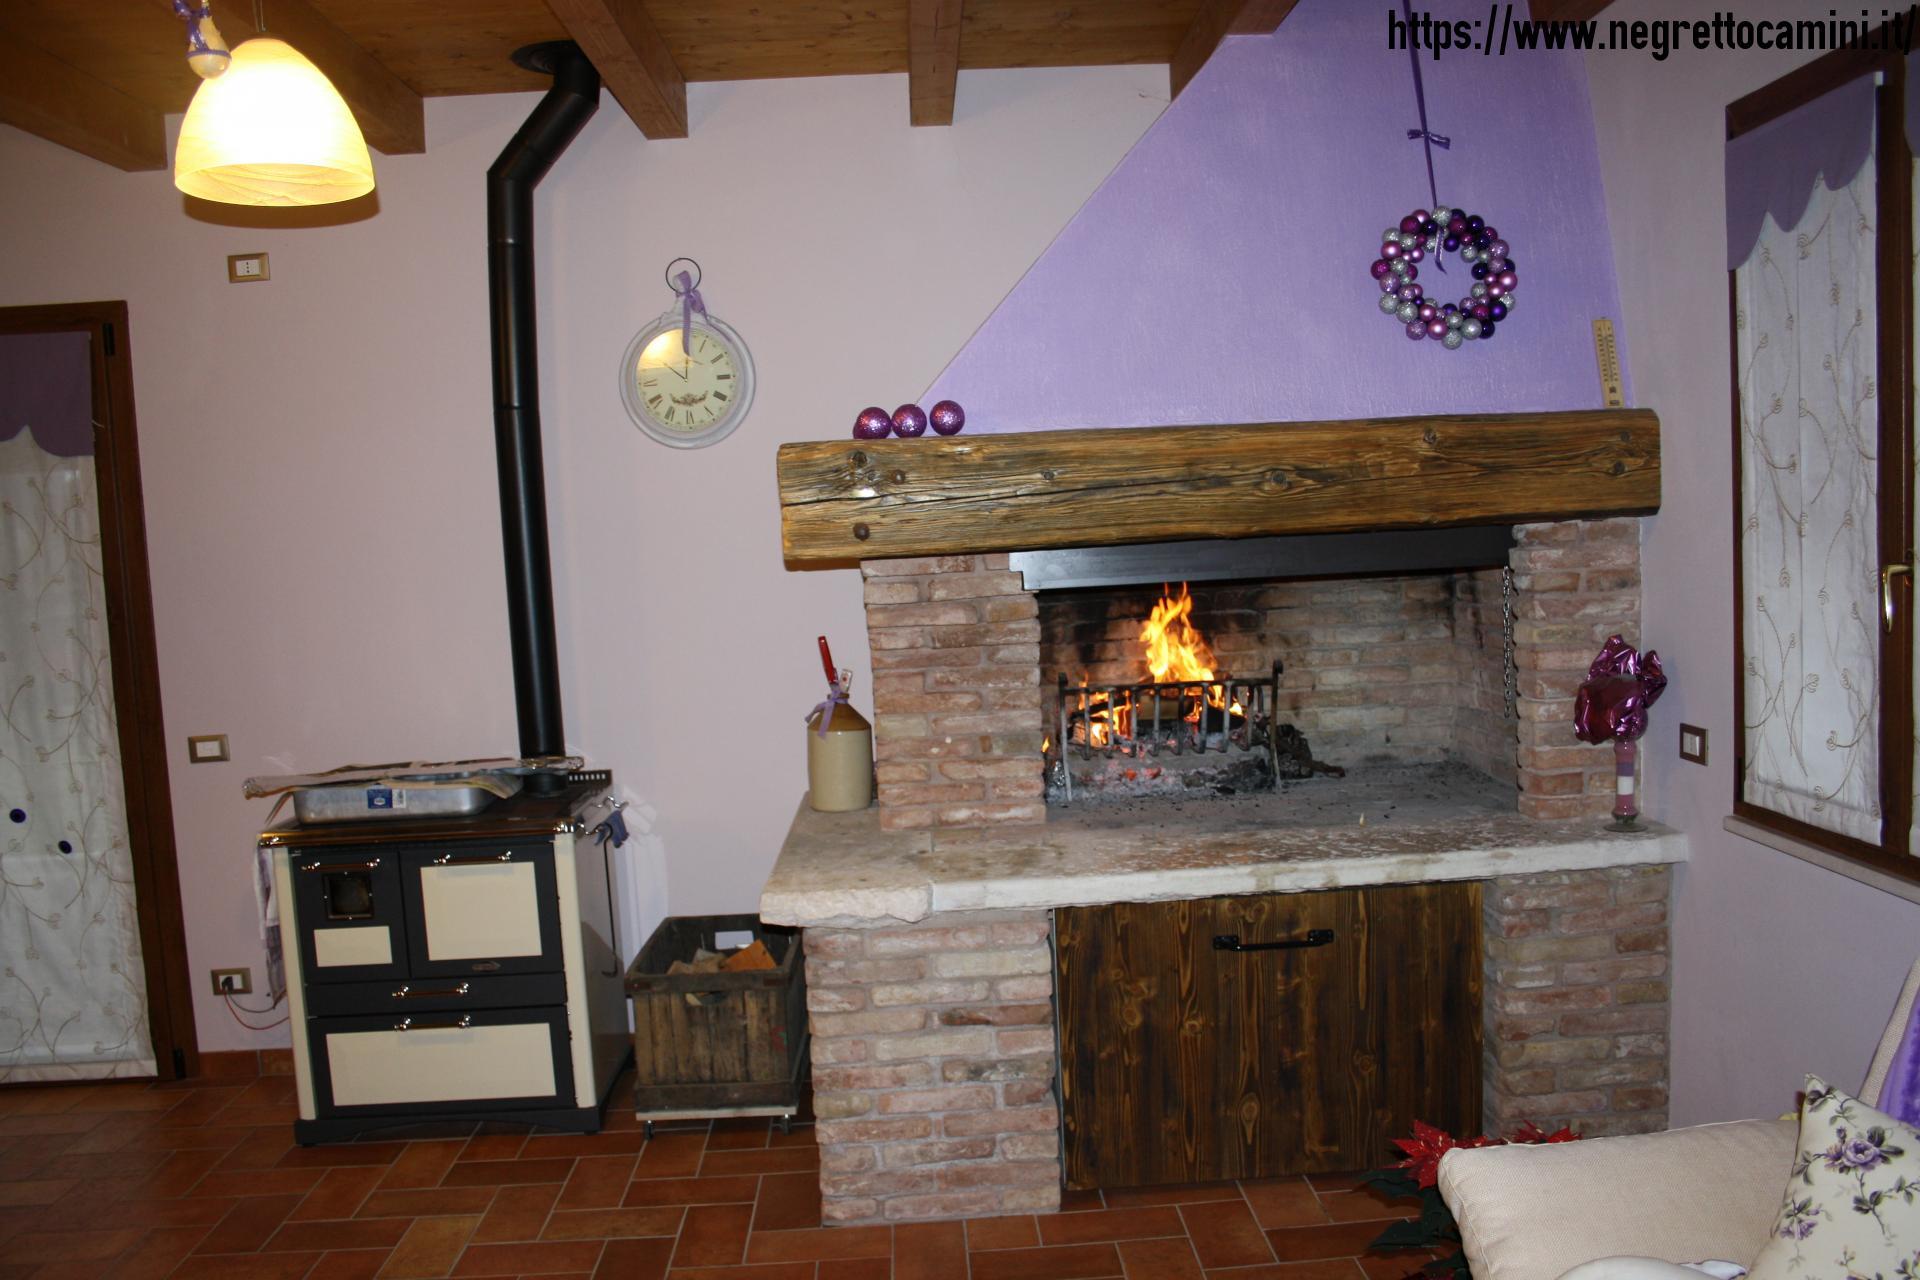 Camino rustico da taverna negretto camini d 39 autore for Foto di taverne arredate